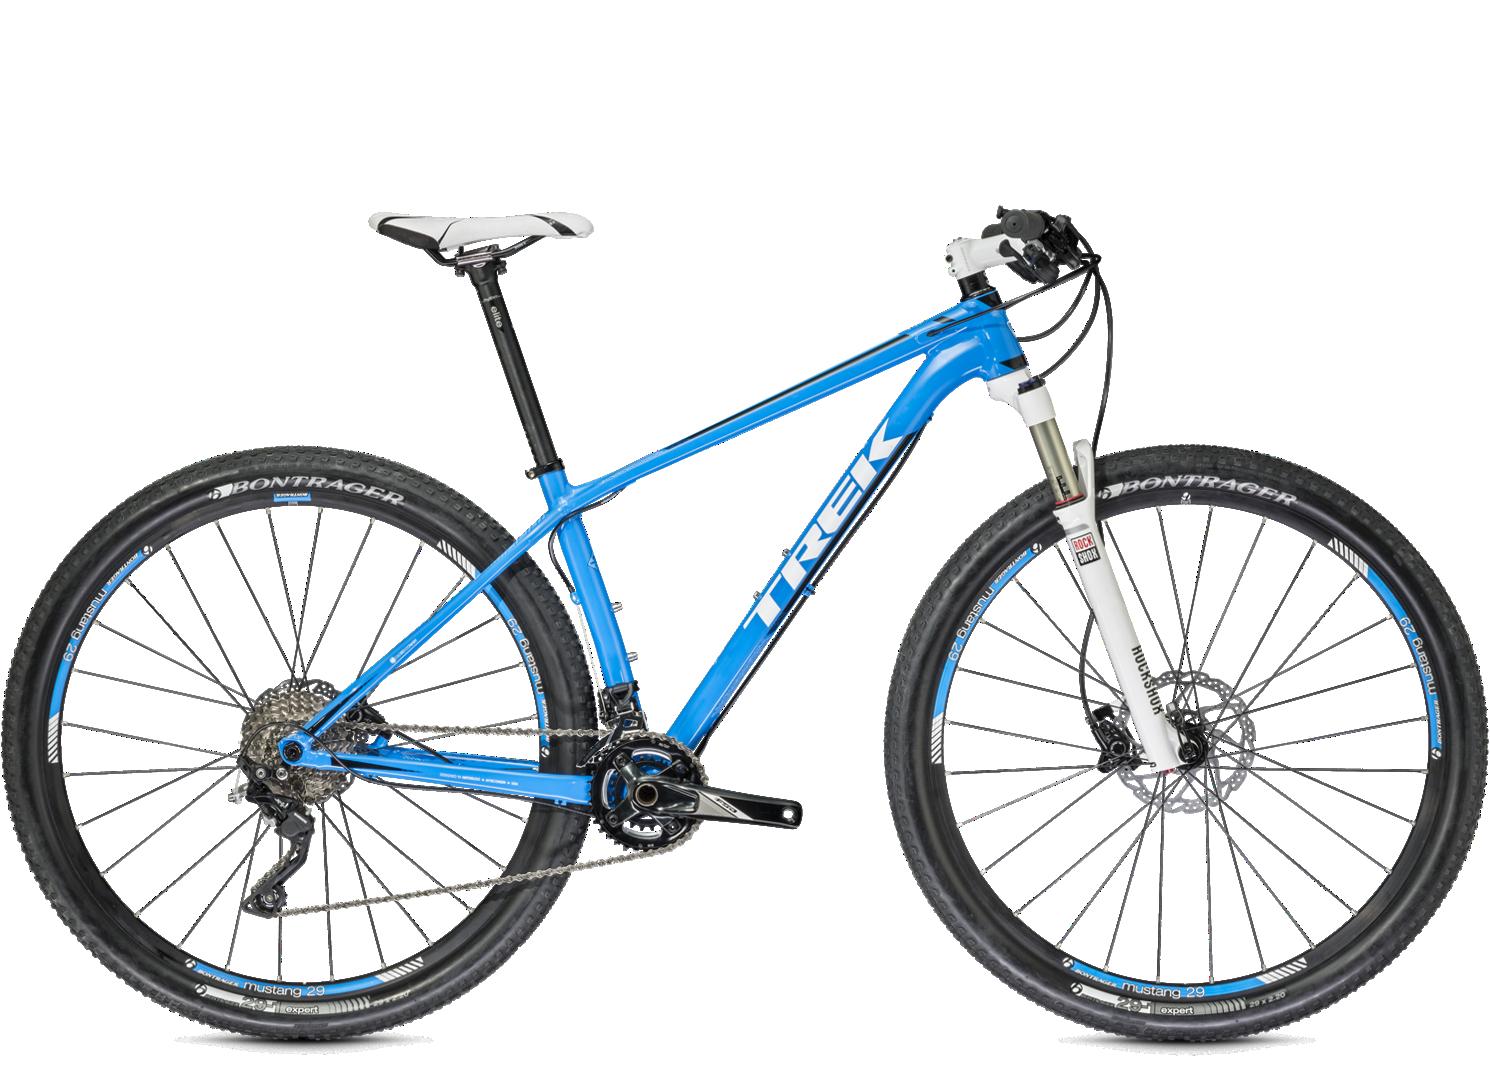 791345875ba 2014 Superfly 7 - Bike Archive - Trek Bicycle